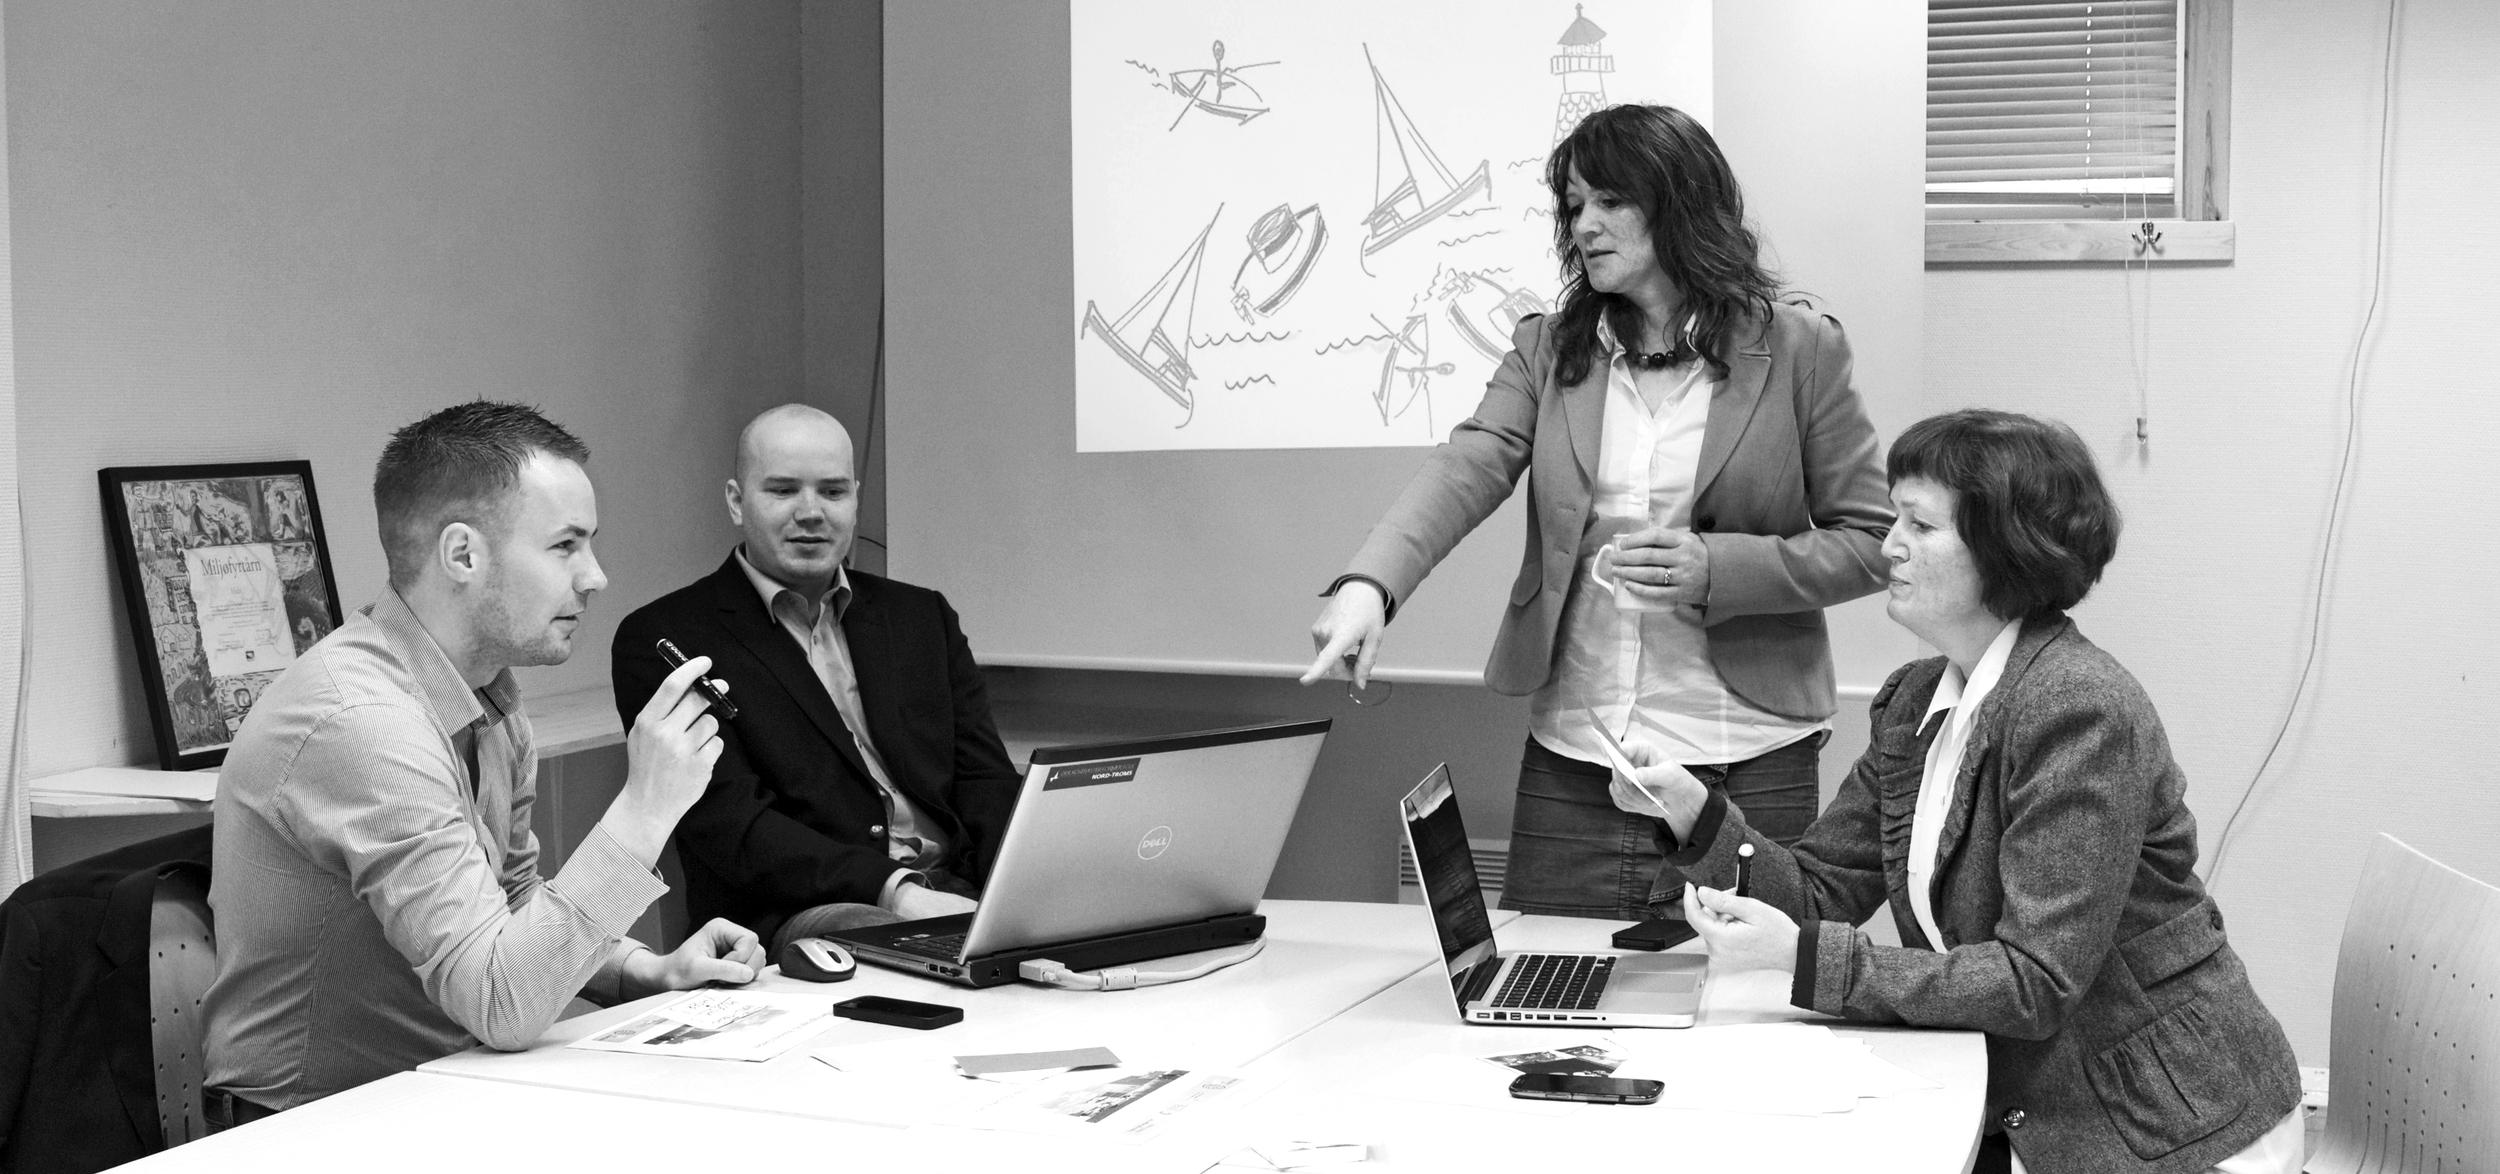 Strategiprosess i samarbeid med Halti næringshage AS. Foto: Eili Bråstad Johannessen